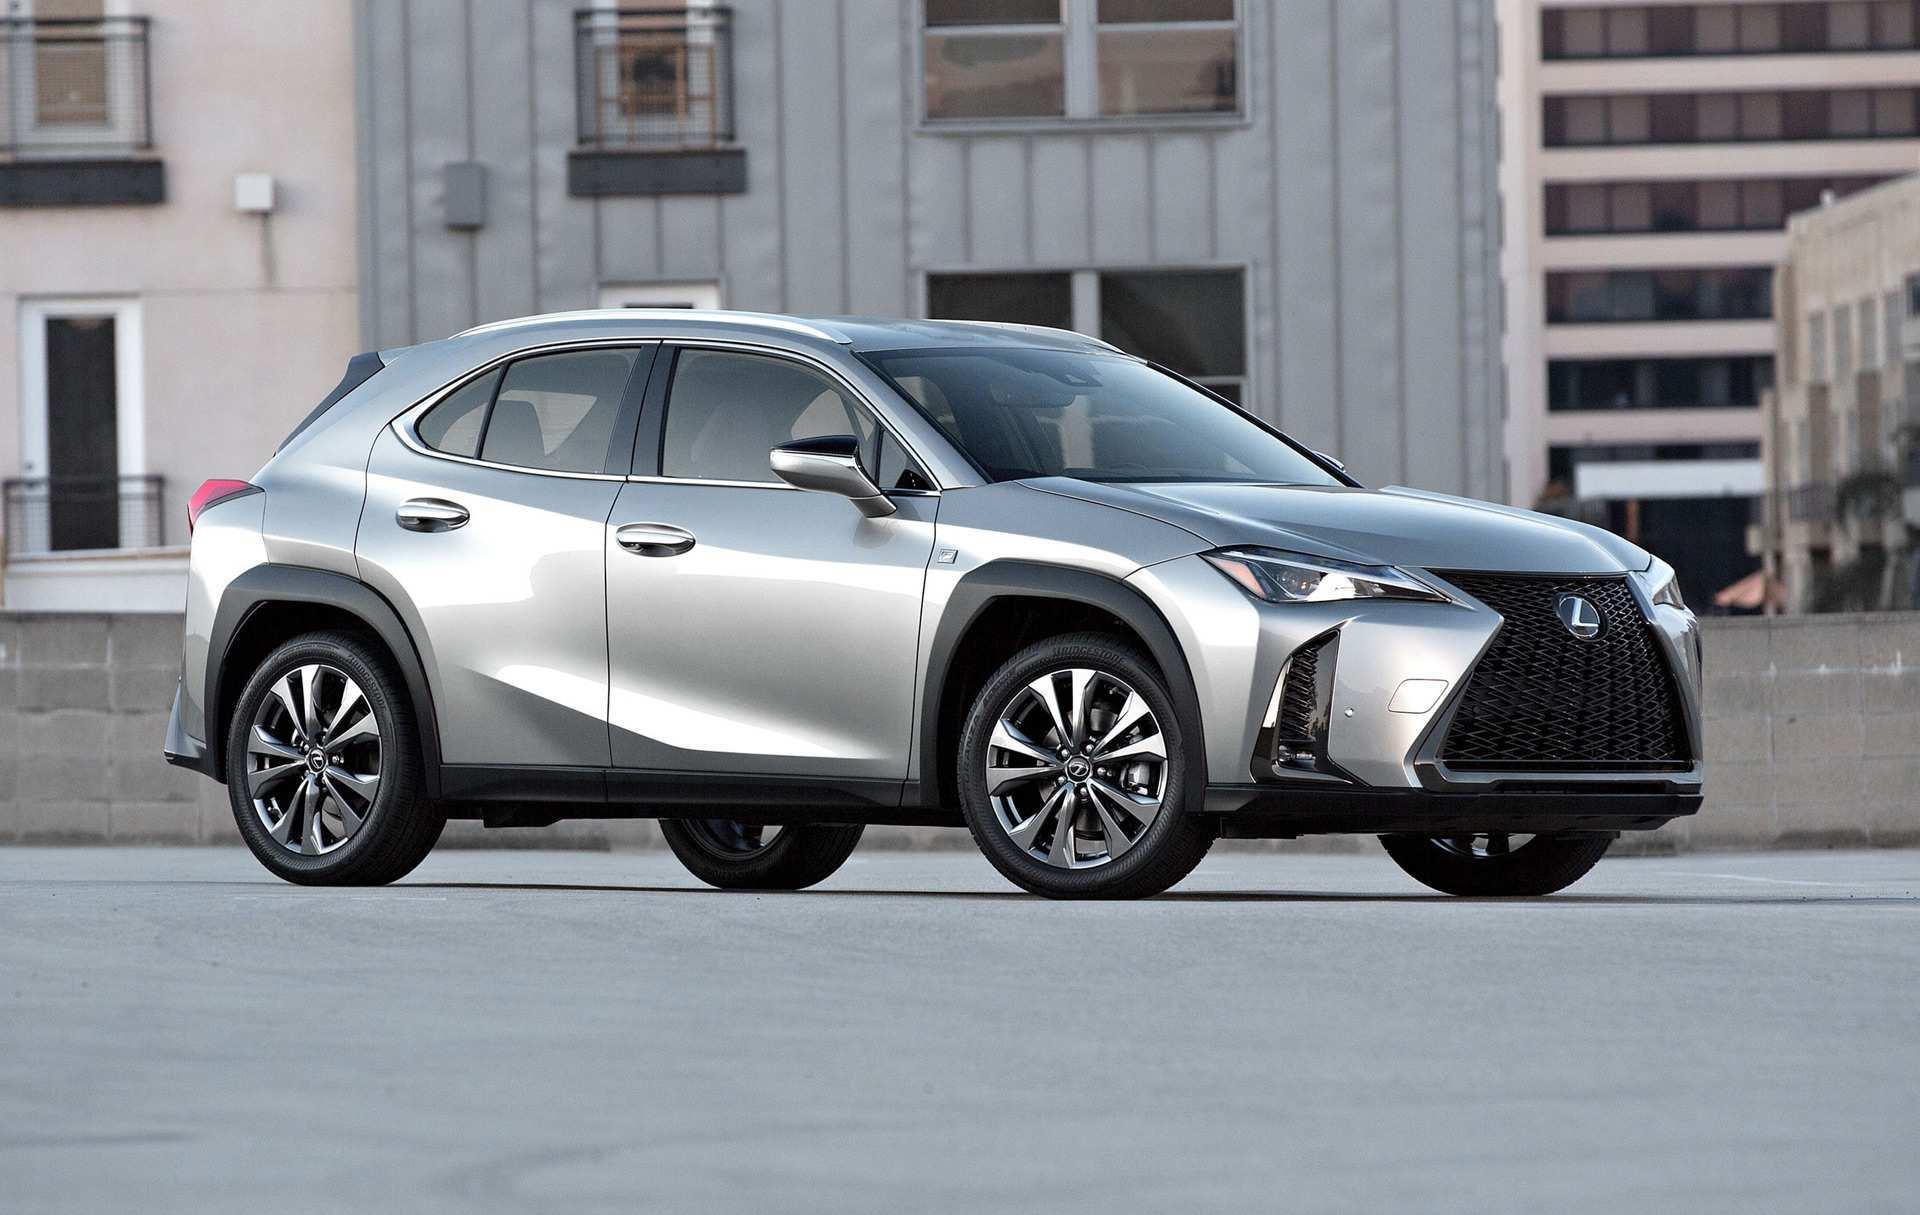 37 New Lexus Plug In Hybrid 2020 Ratings with Lexus Plug In Hybrid 2020